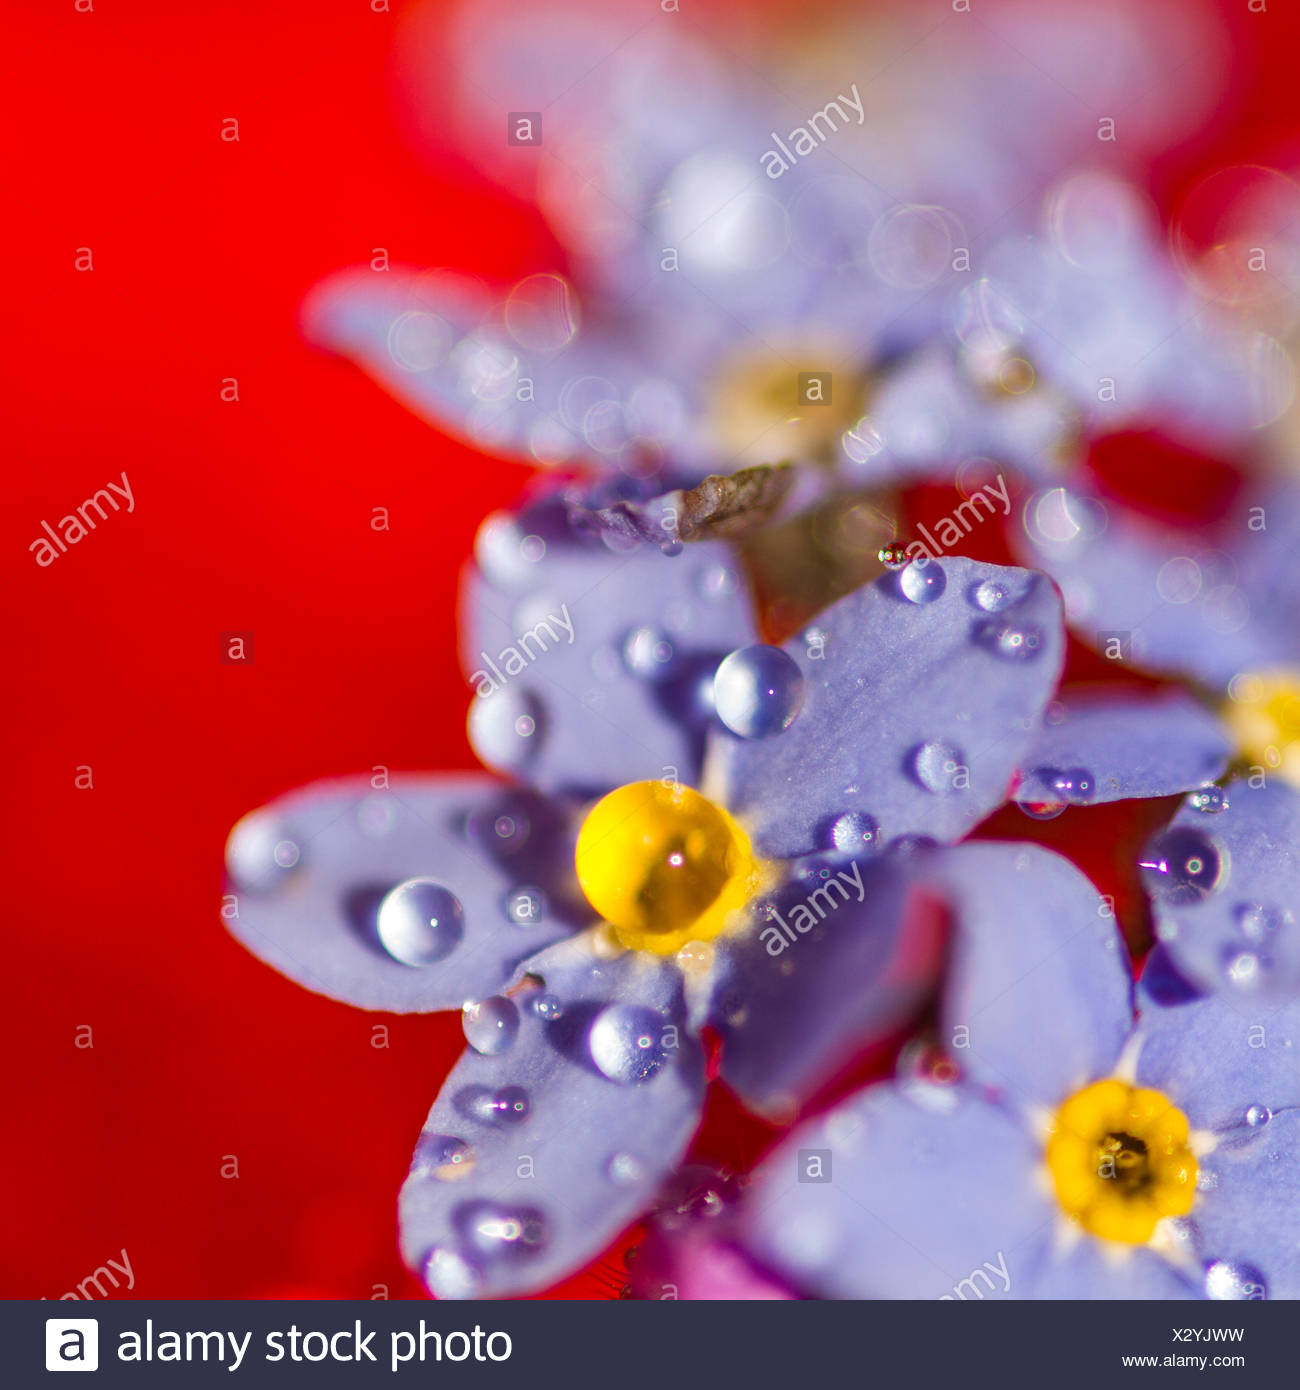 Les gouttelettes d'eau sur les fleurs violettes Photo Stock